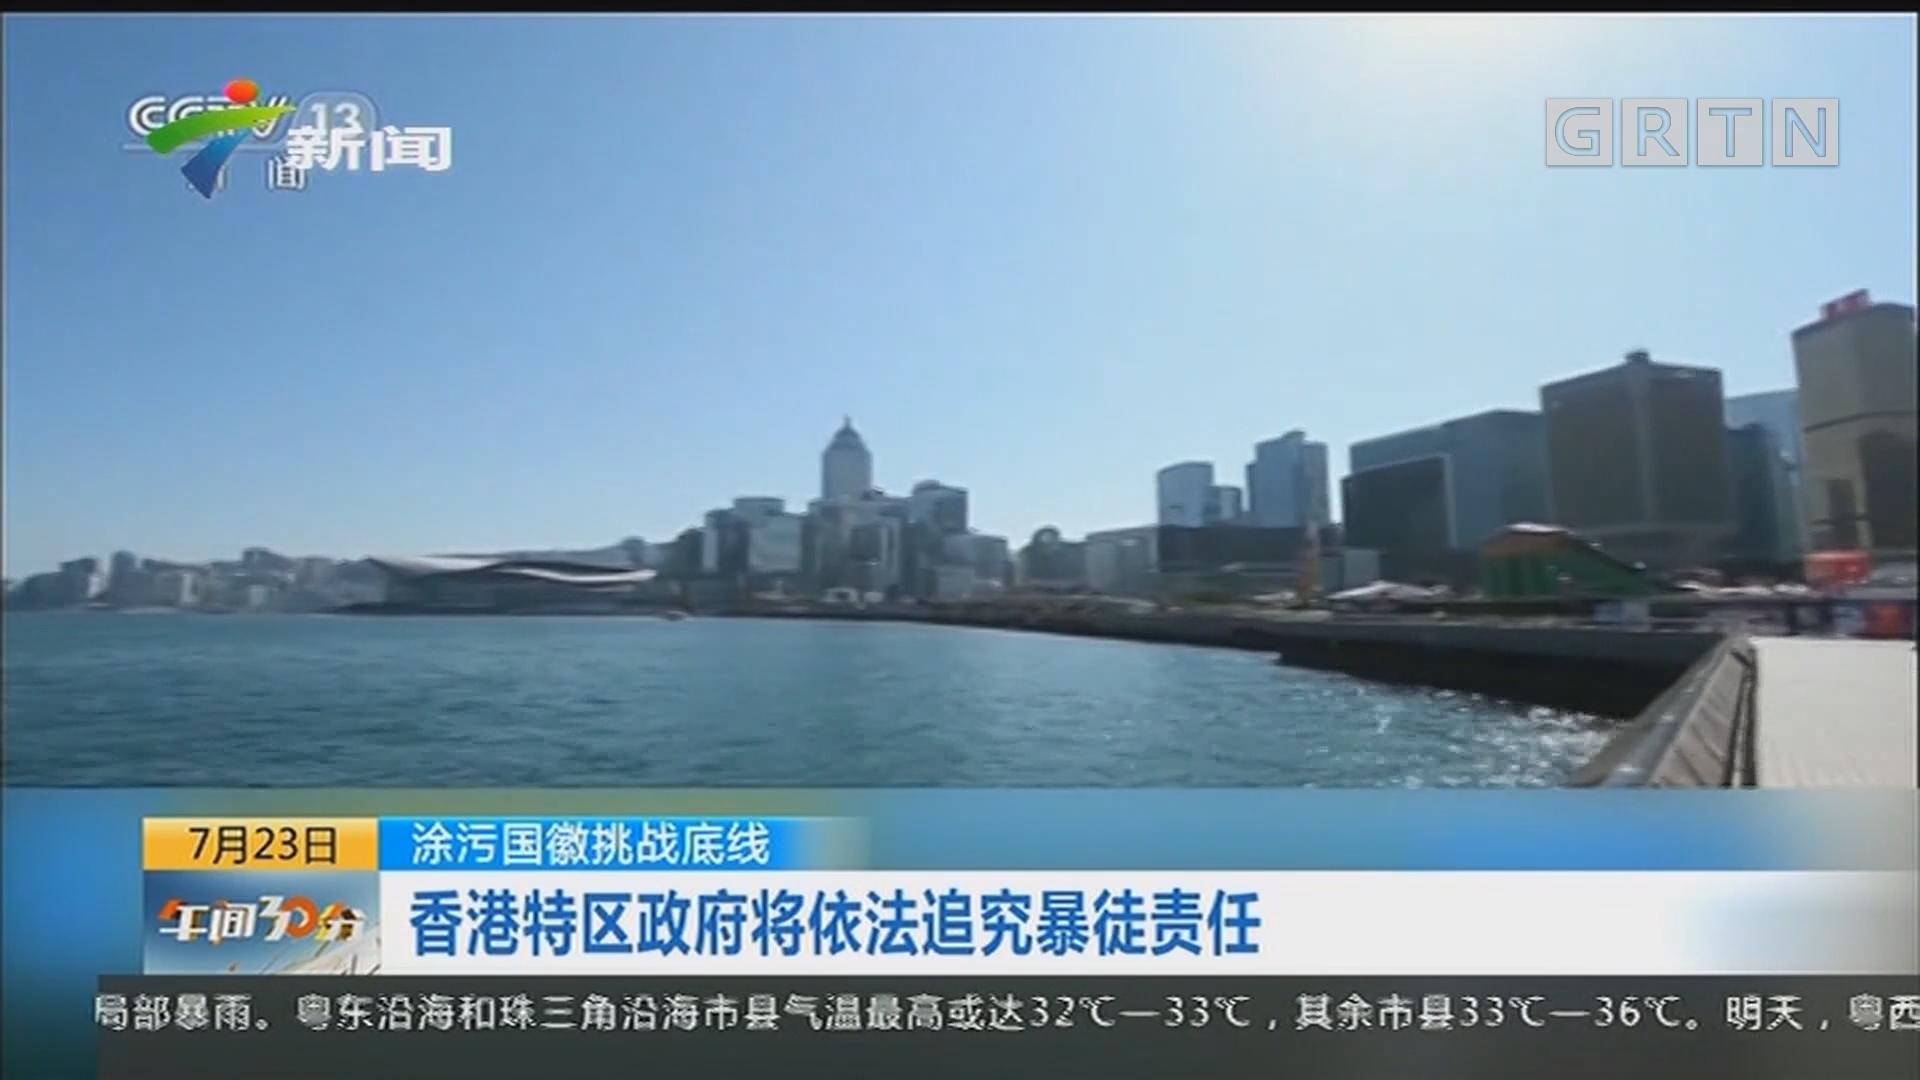 涂污国徽挑战底线:香港特区政府将依法追究暴徒责任